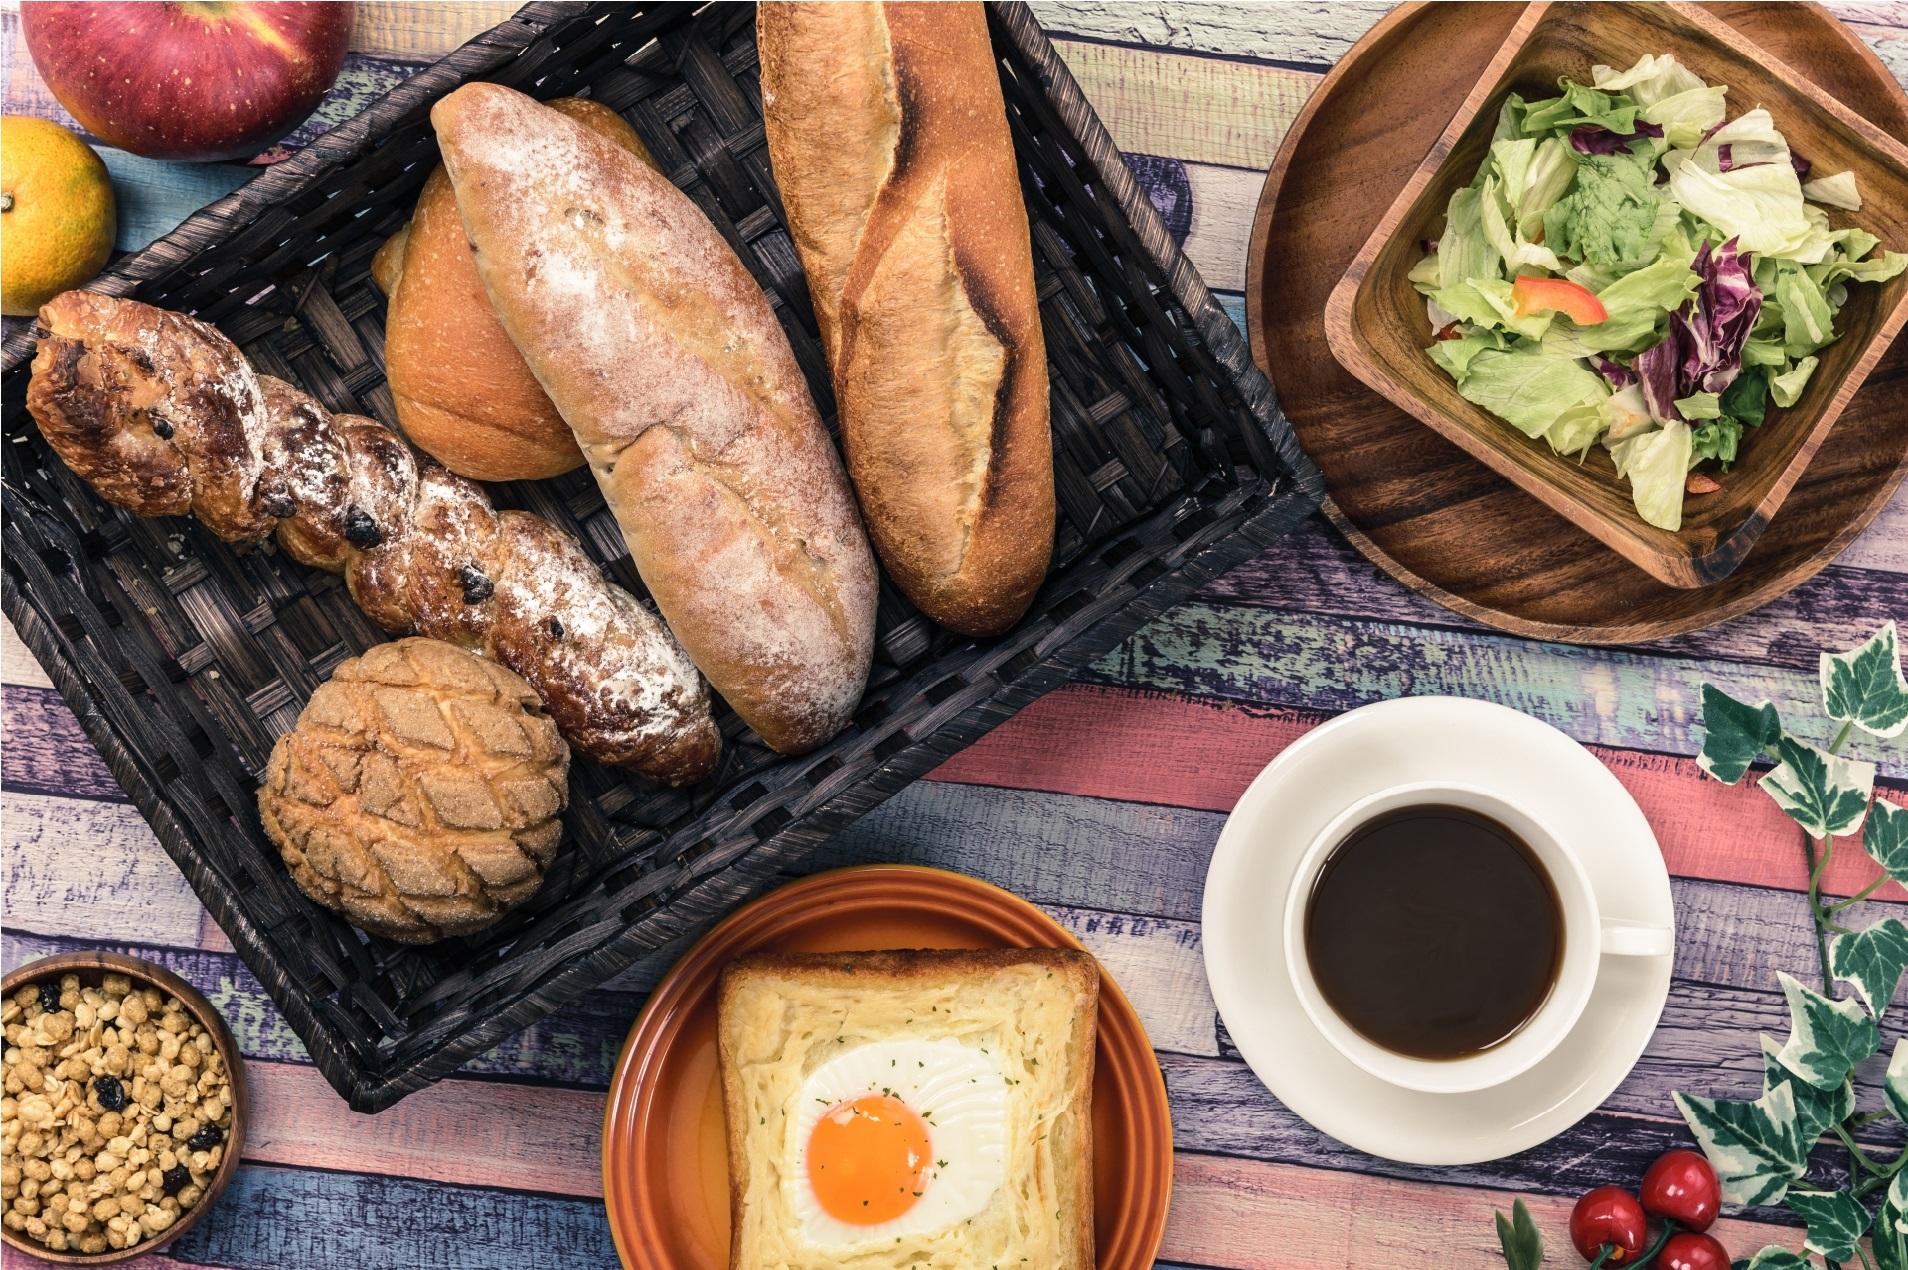 三宮でモーニングがおすすめの店11選!おしゃれなカフェや人気のパン屋も紹介!